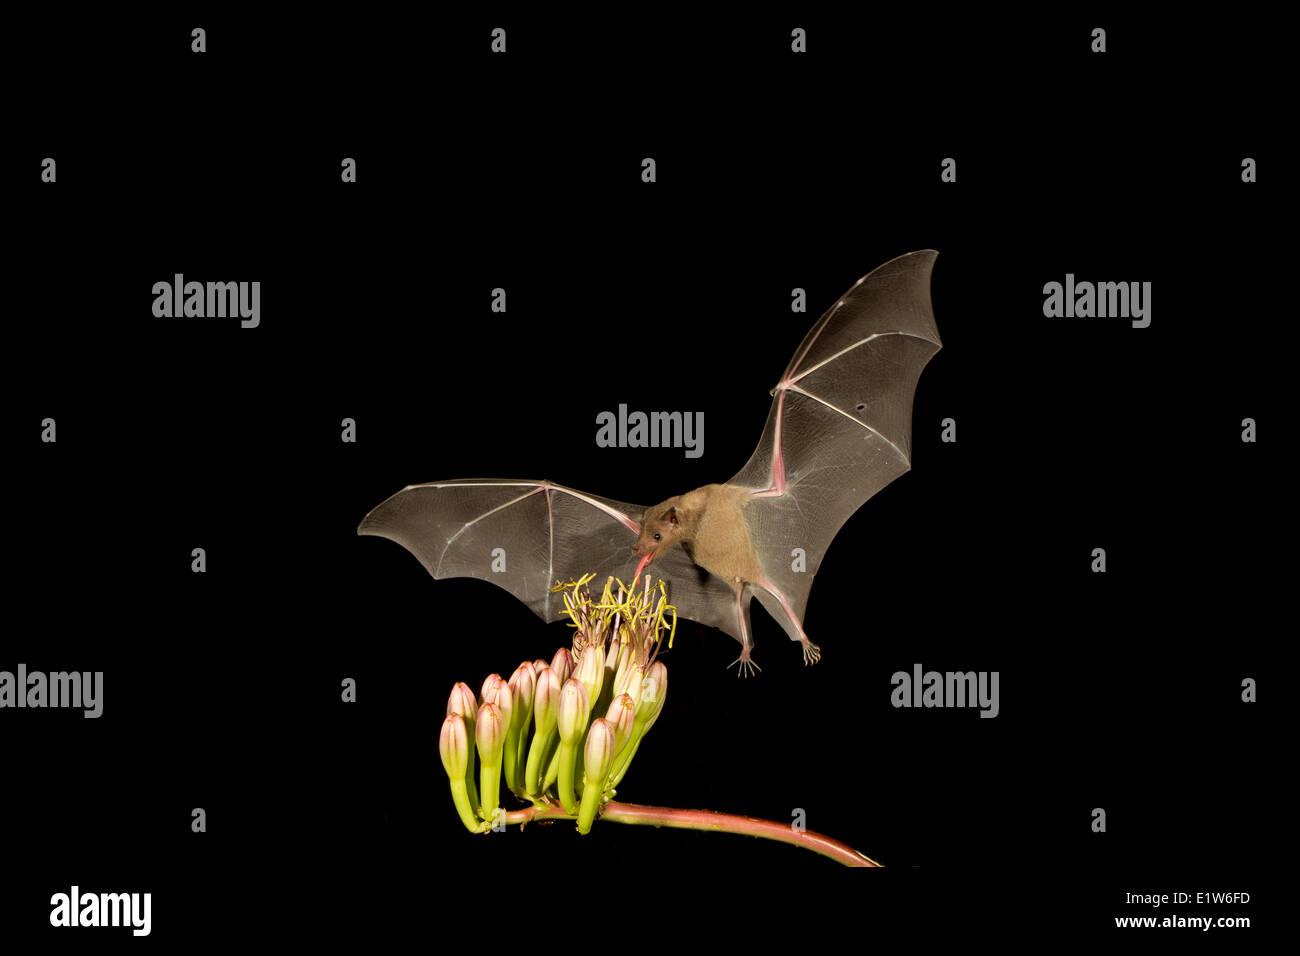 Bec long moindre Leptonycteris yerbabuenae (bat), se nourrissant de fleur d'Agave, Amado, Arizona. Cette chauve-souris est classé vulnérable. Banque D'Images